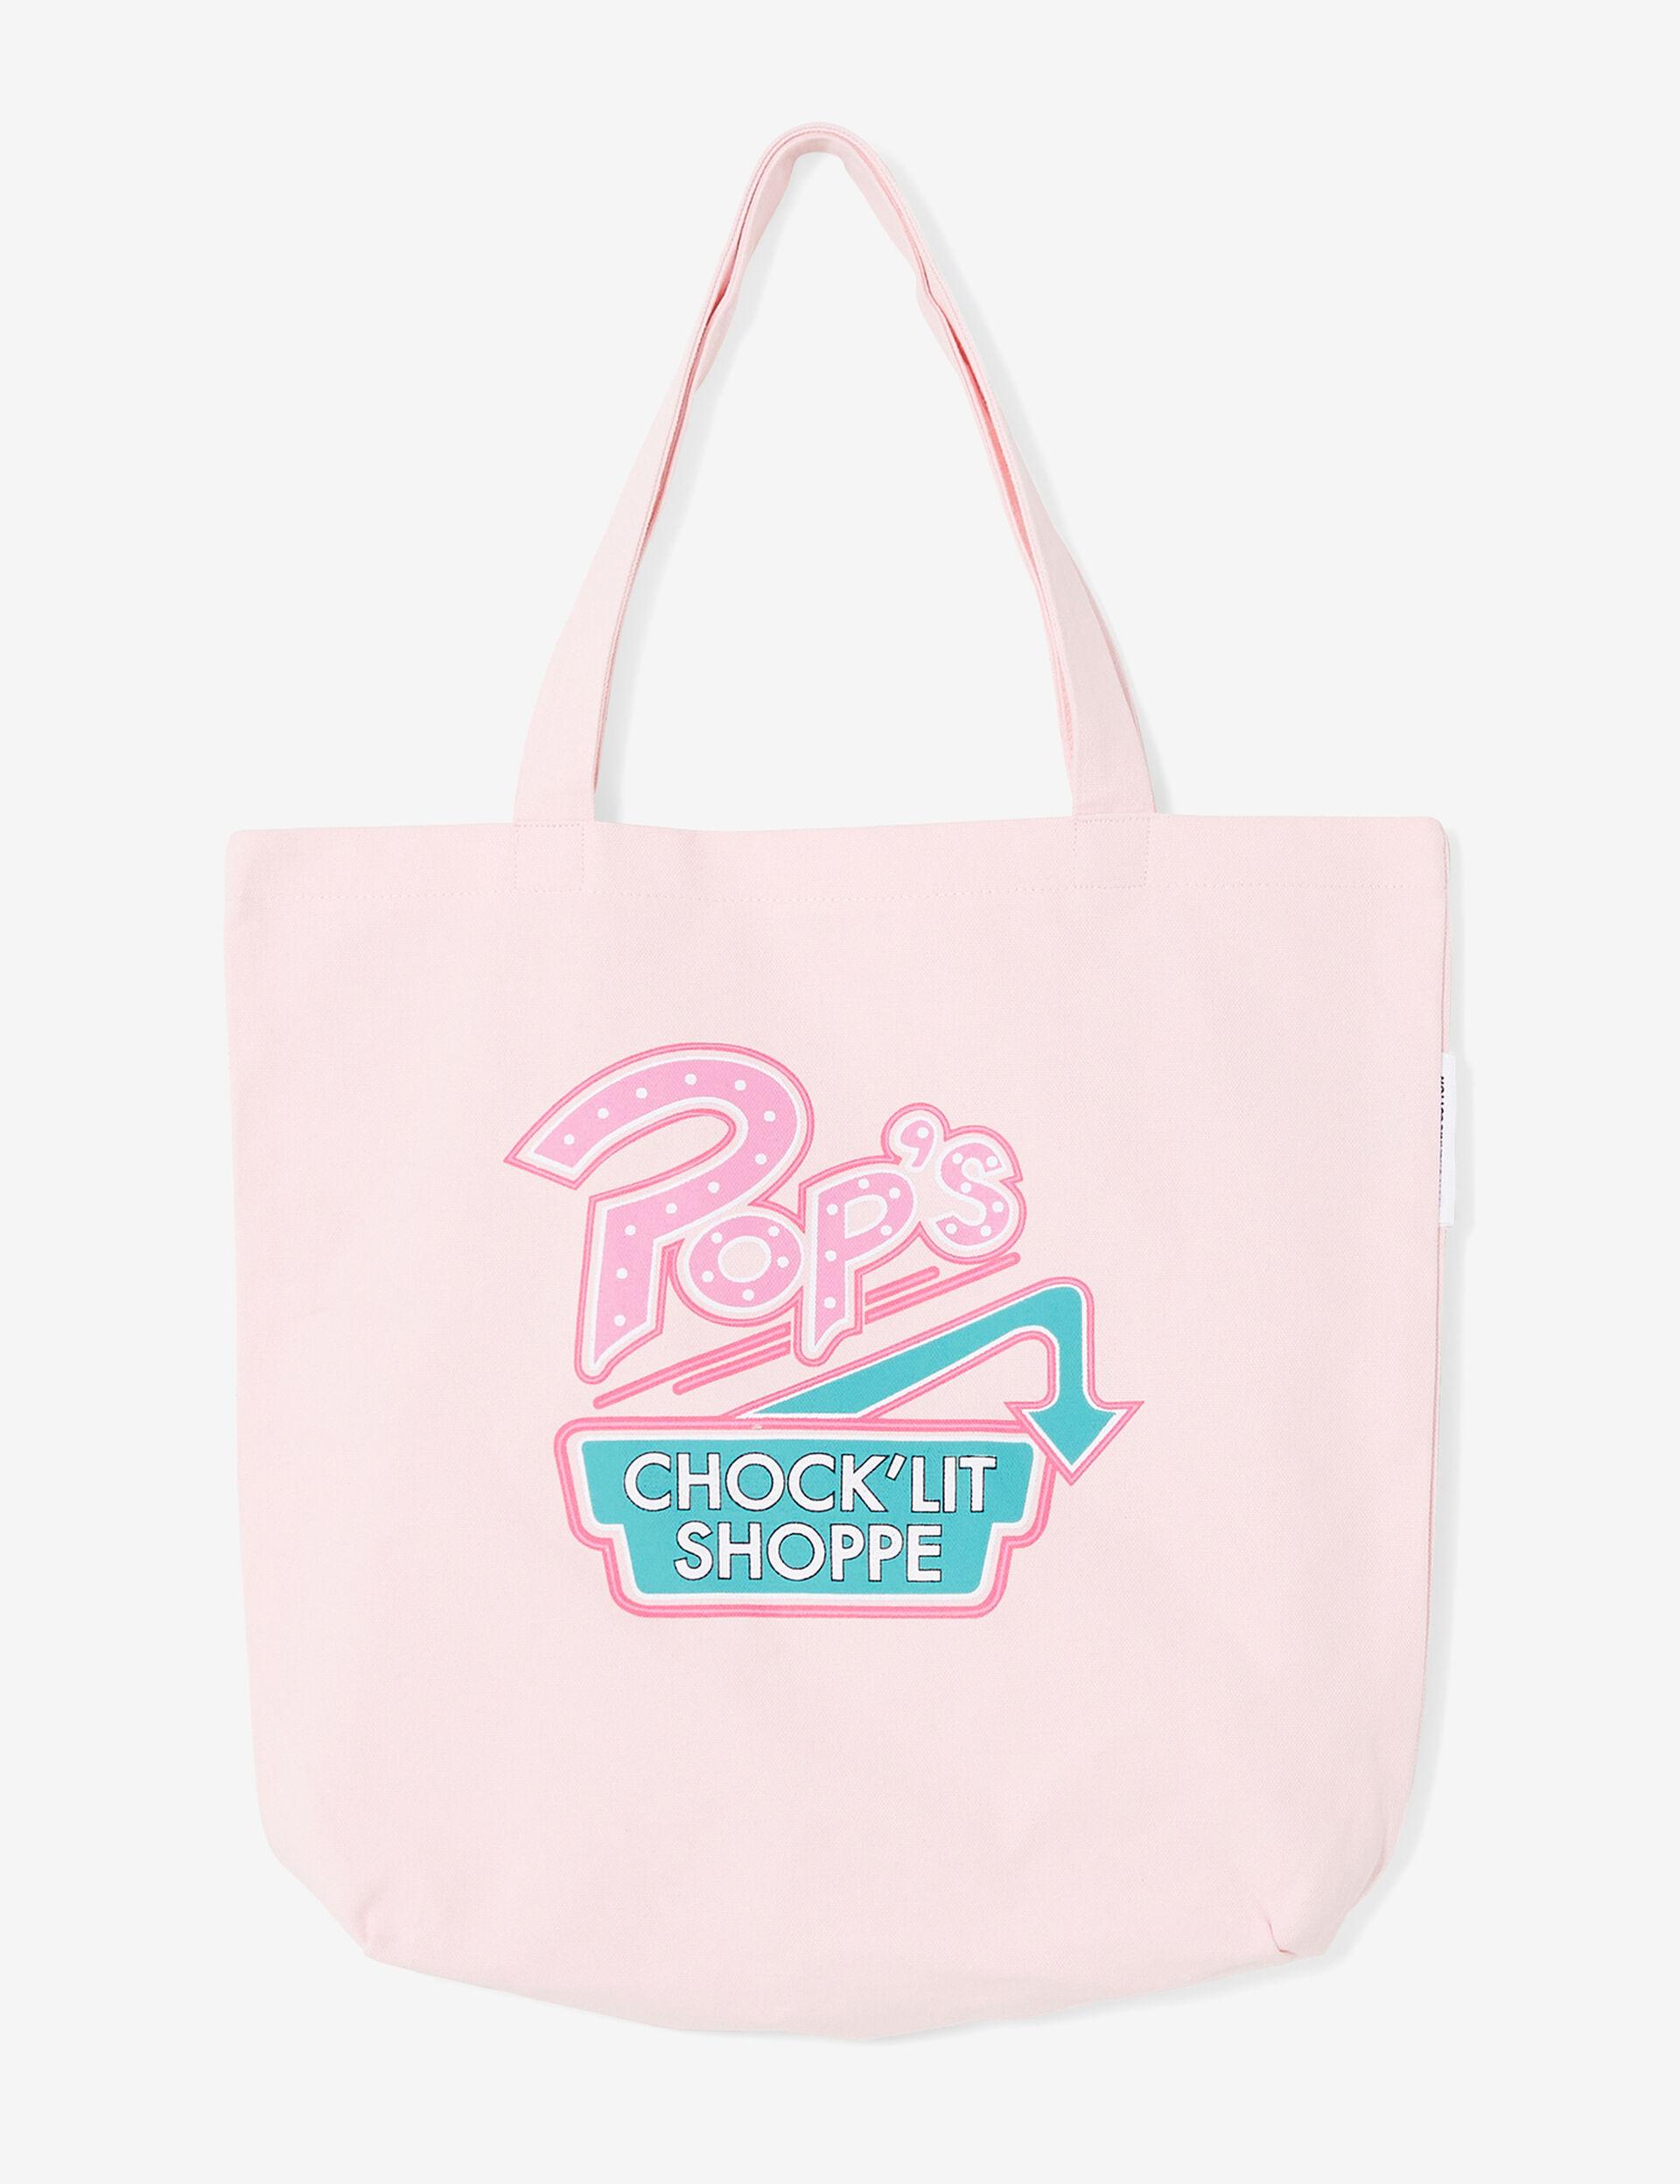 Sac tote bag Riverdale Pop's